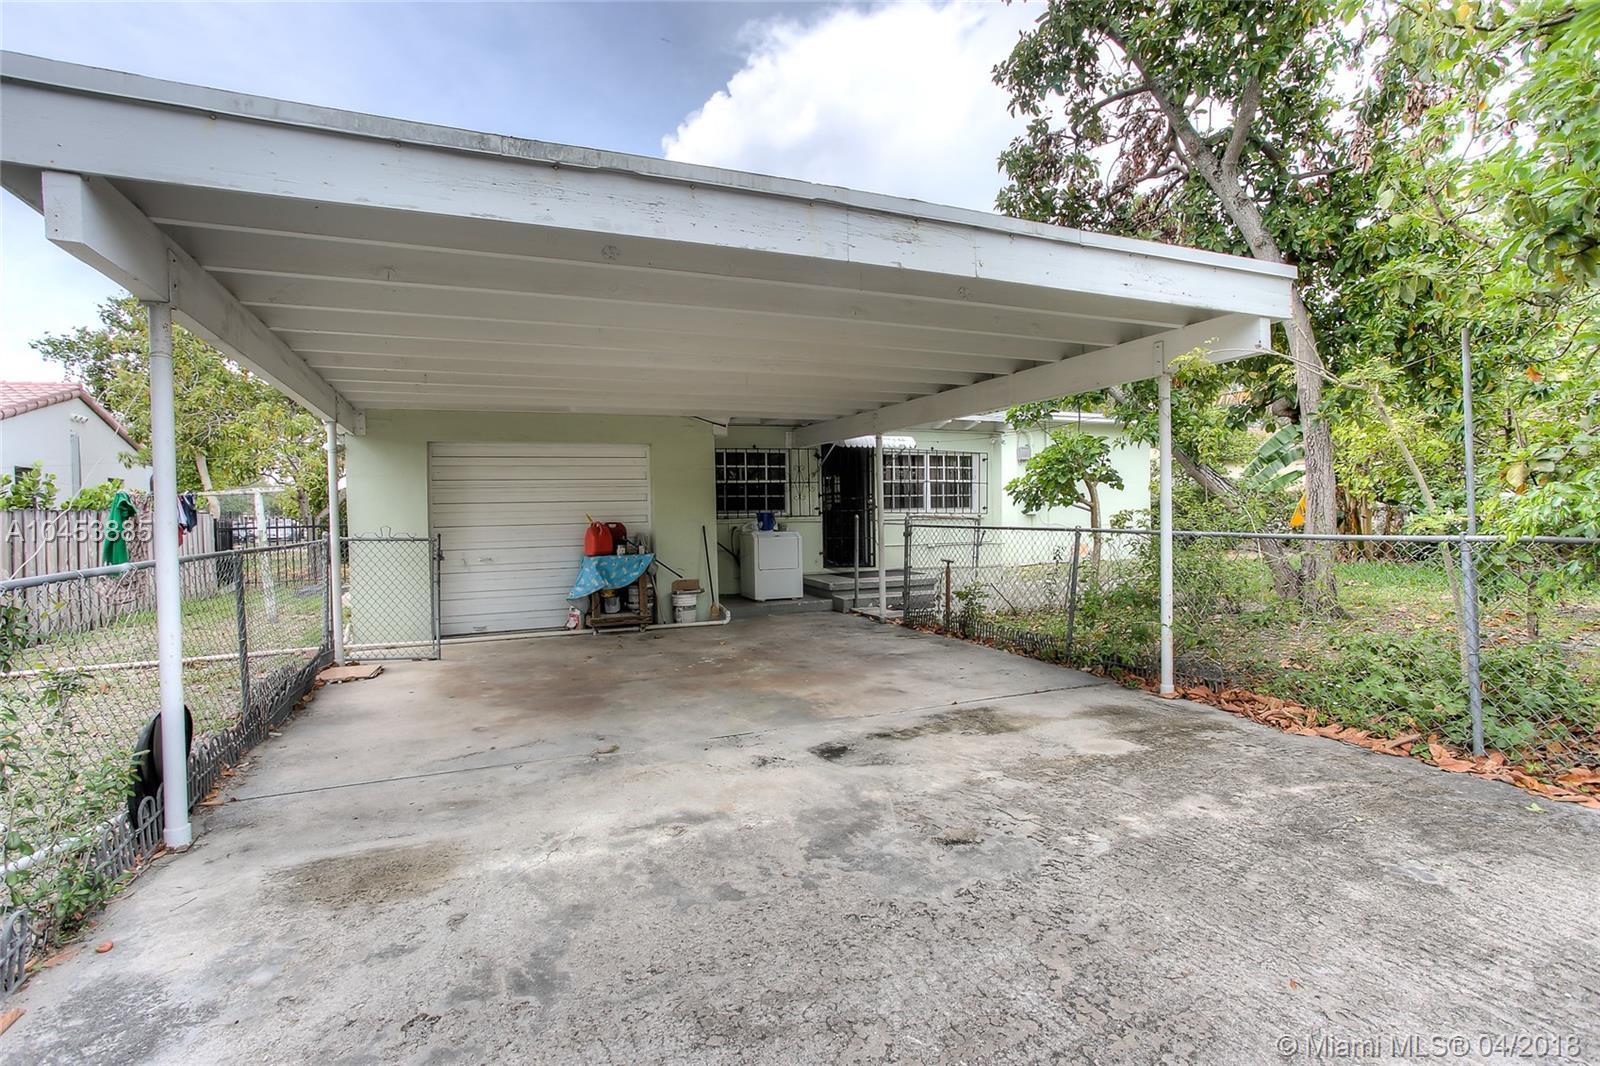 28 Nw 111th St, Miami Shores FL, 33168